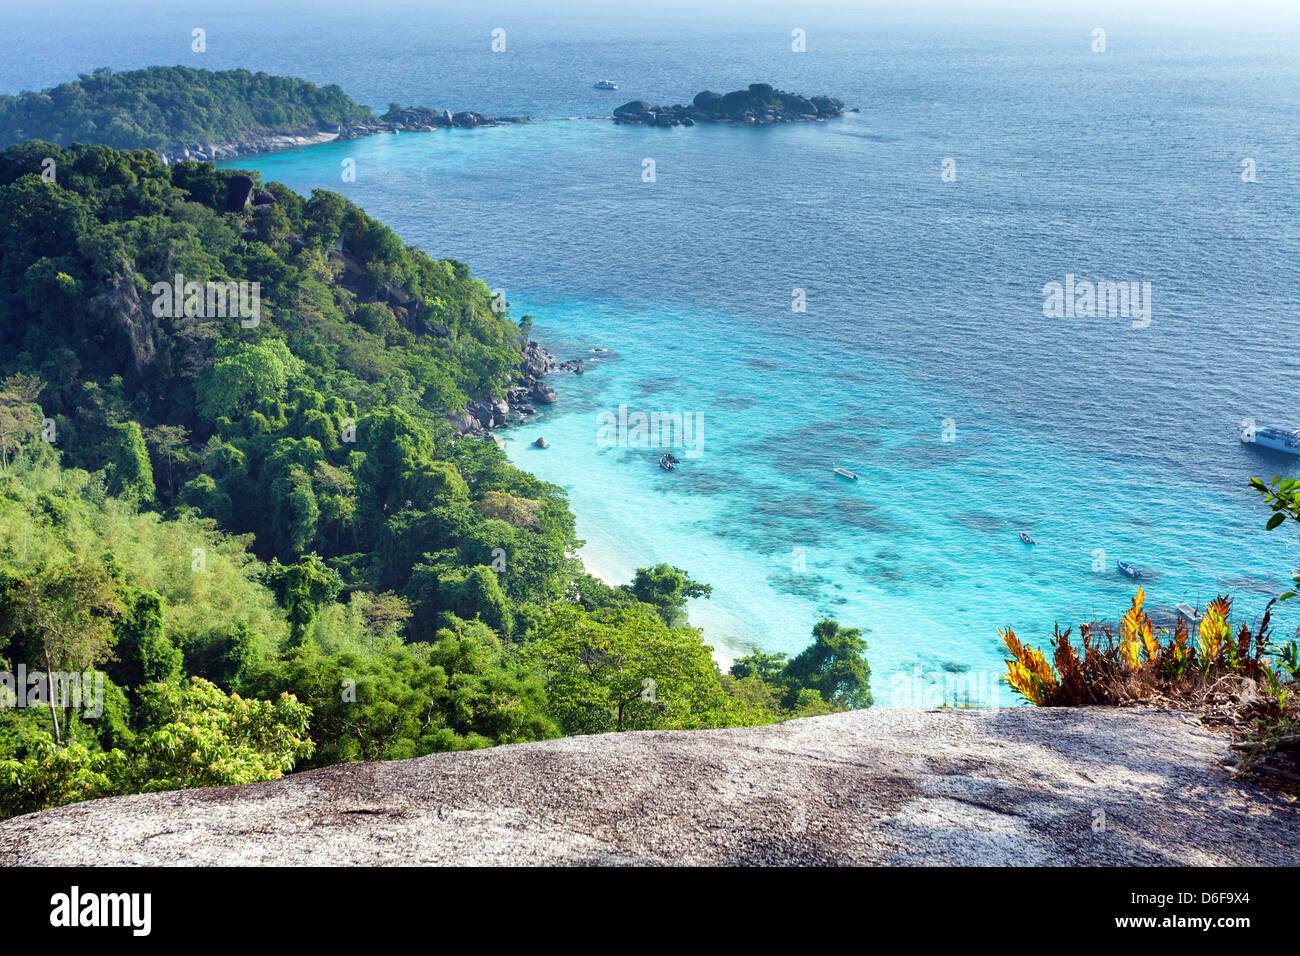 Mu Ko Similan island landscape, Thailand - Stock Image